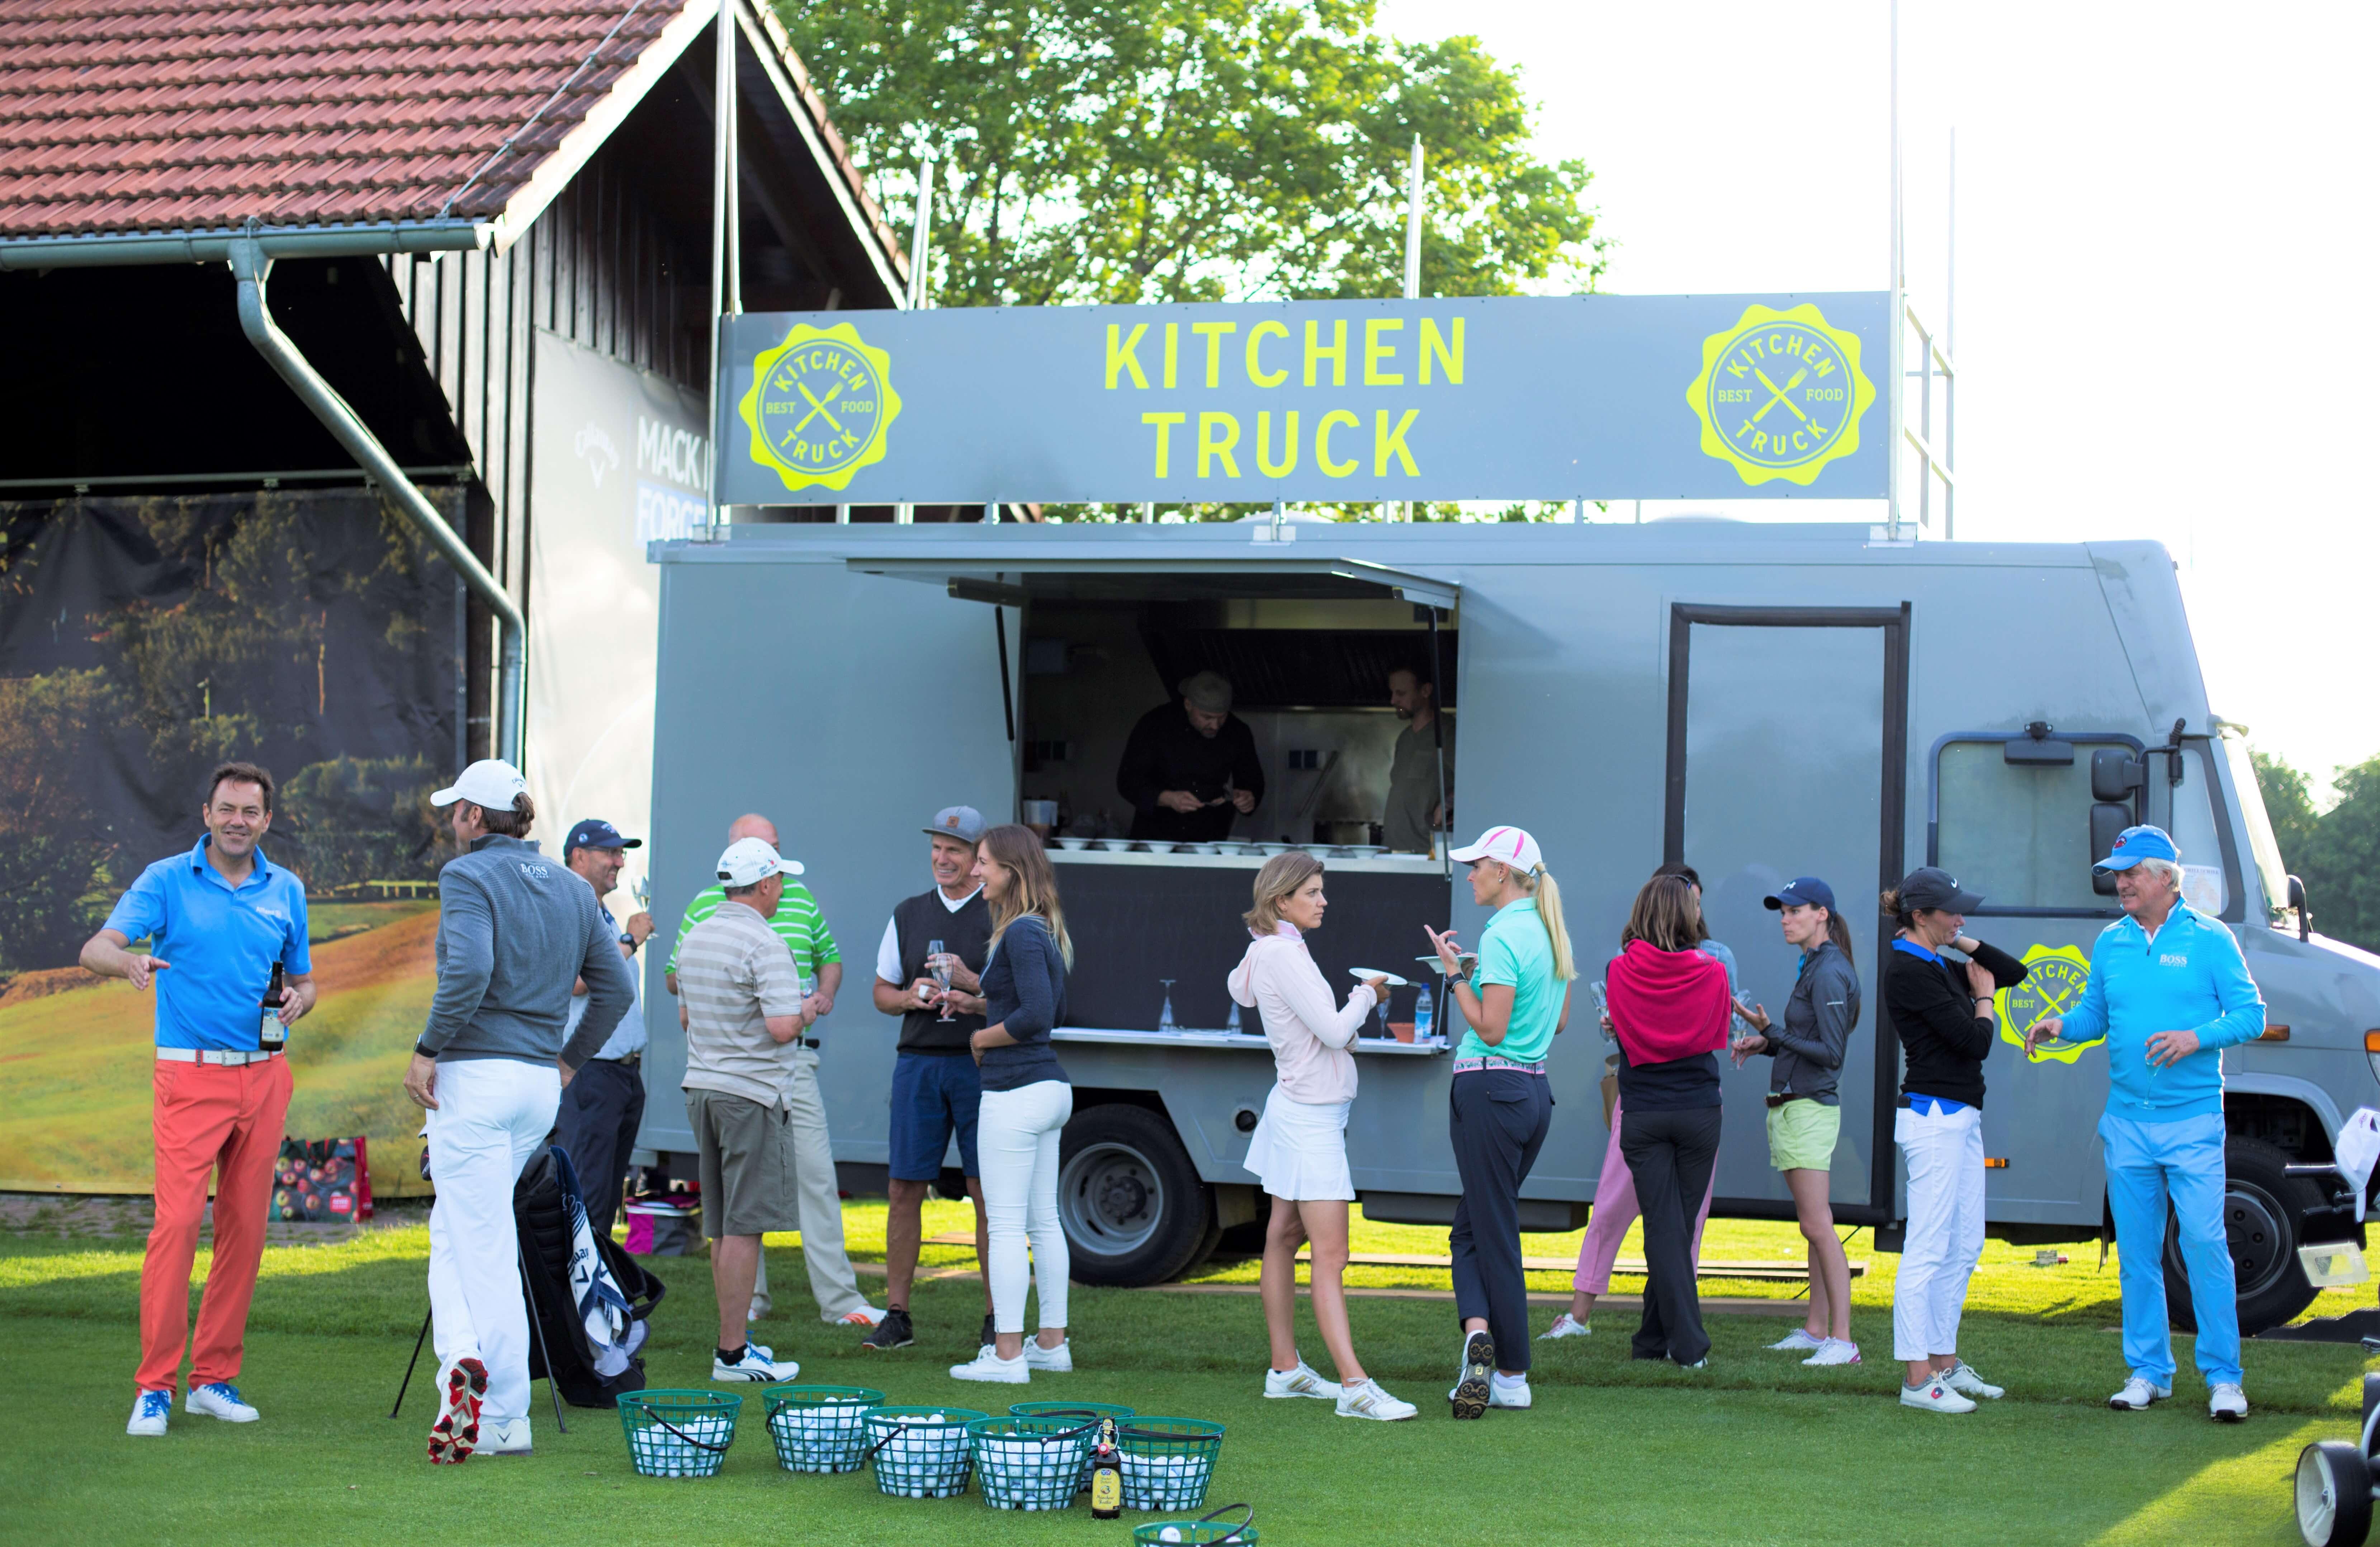 Einer unserer erfolgreichen Food Trucks: Der Kitchen Truck in München!